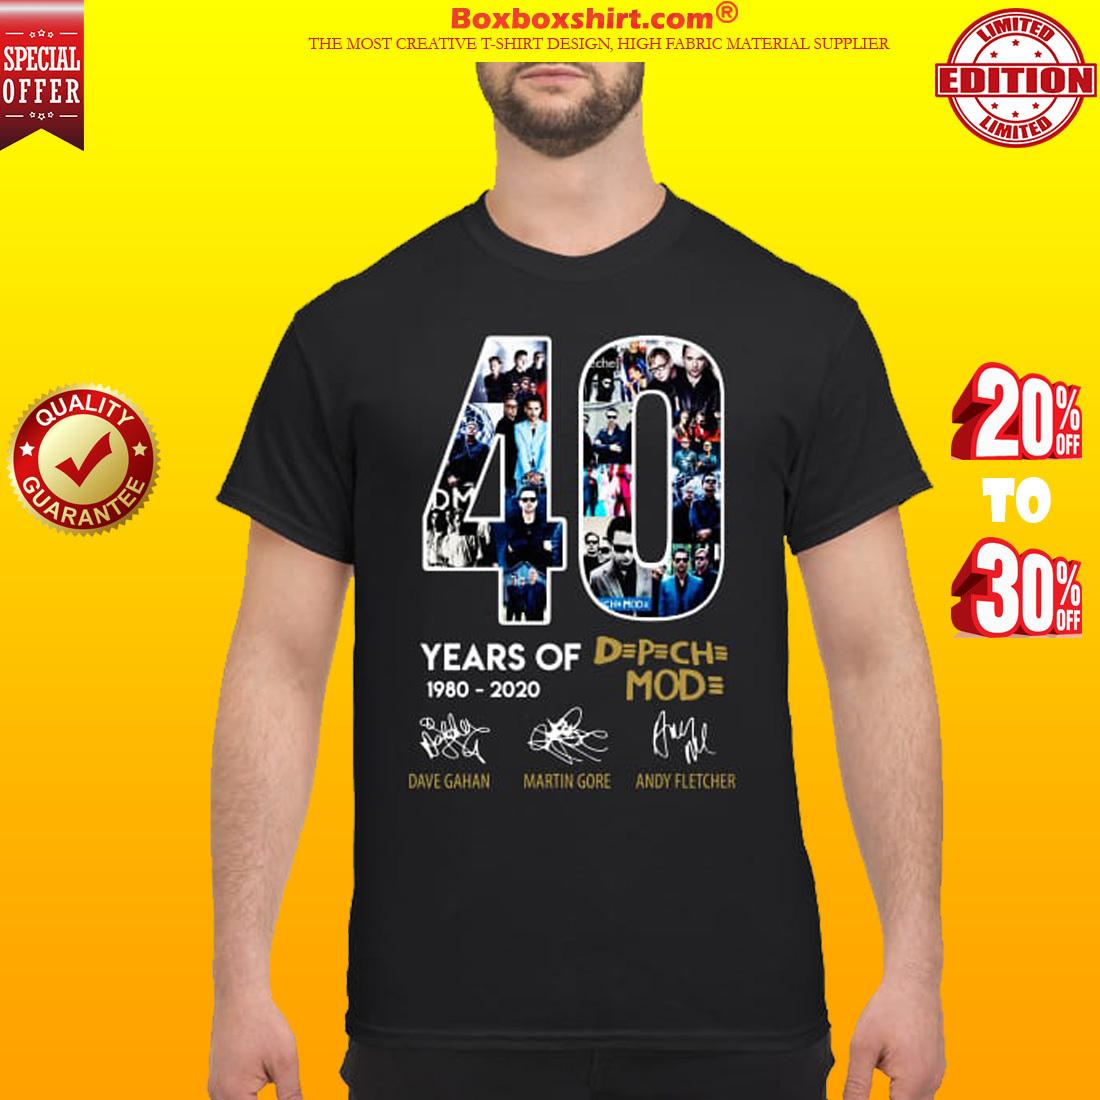 40 years of Depeche Mode signatures shirt